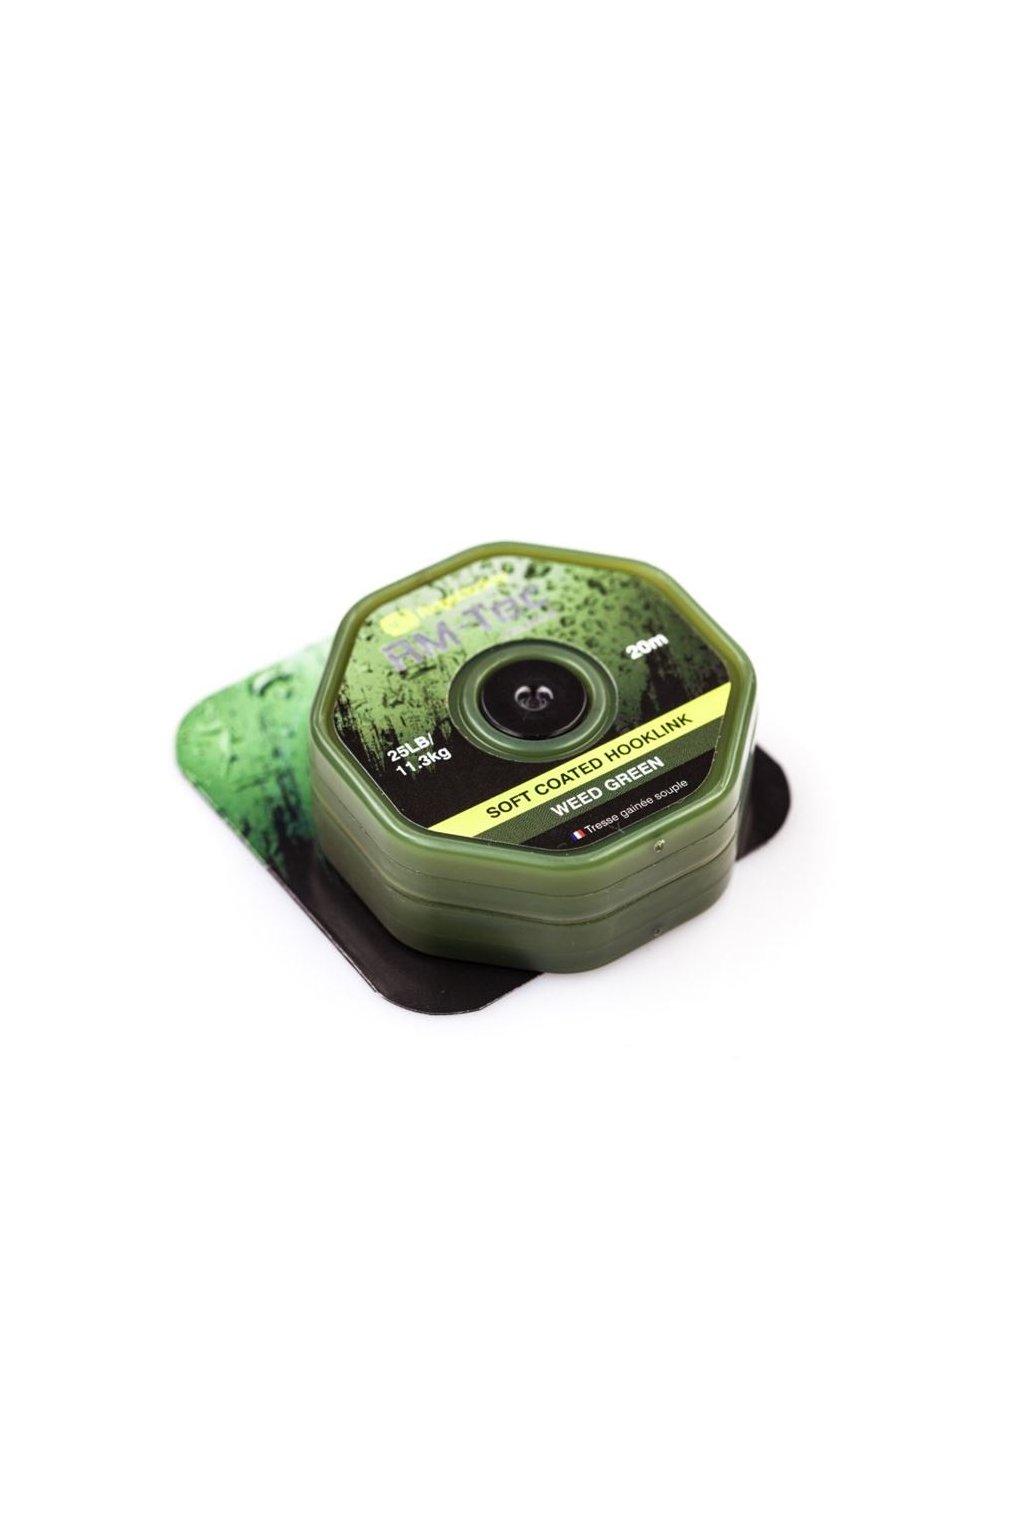 RidgeMonkey Šnůra RM-Tec Soft Coated Hooklink 20m Zelená